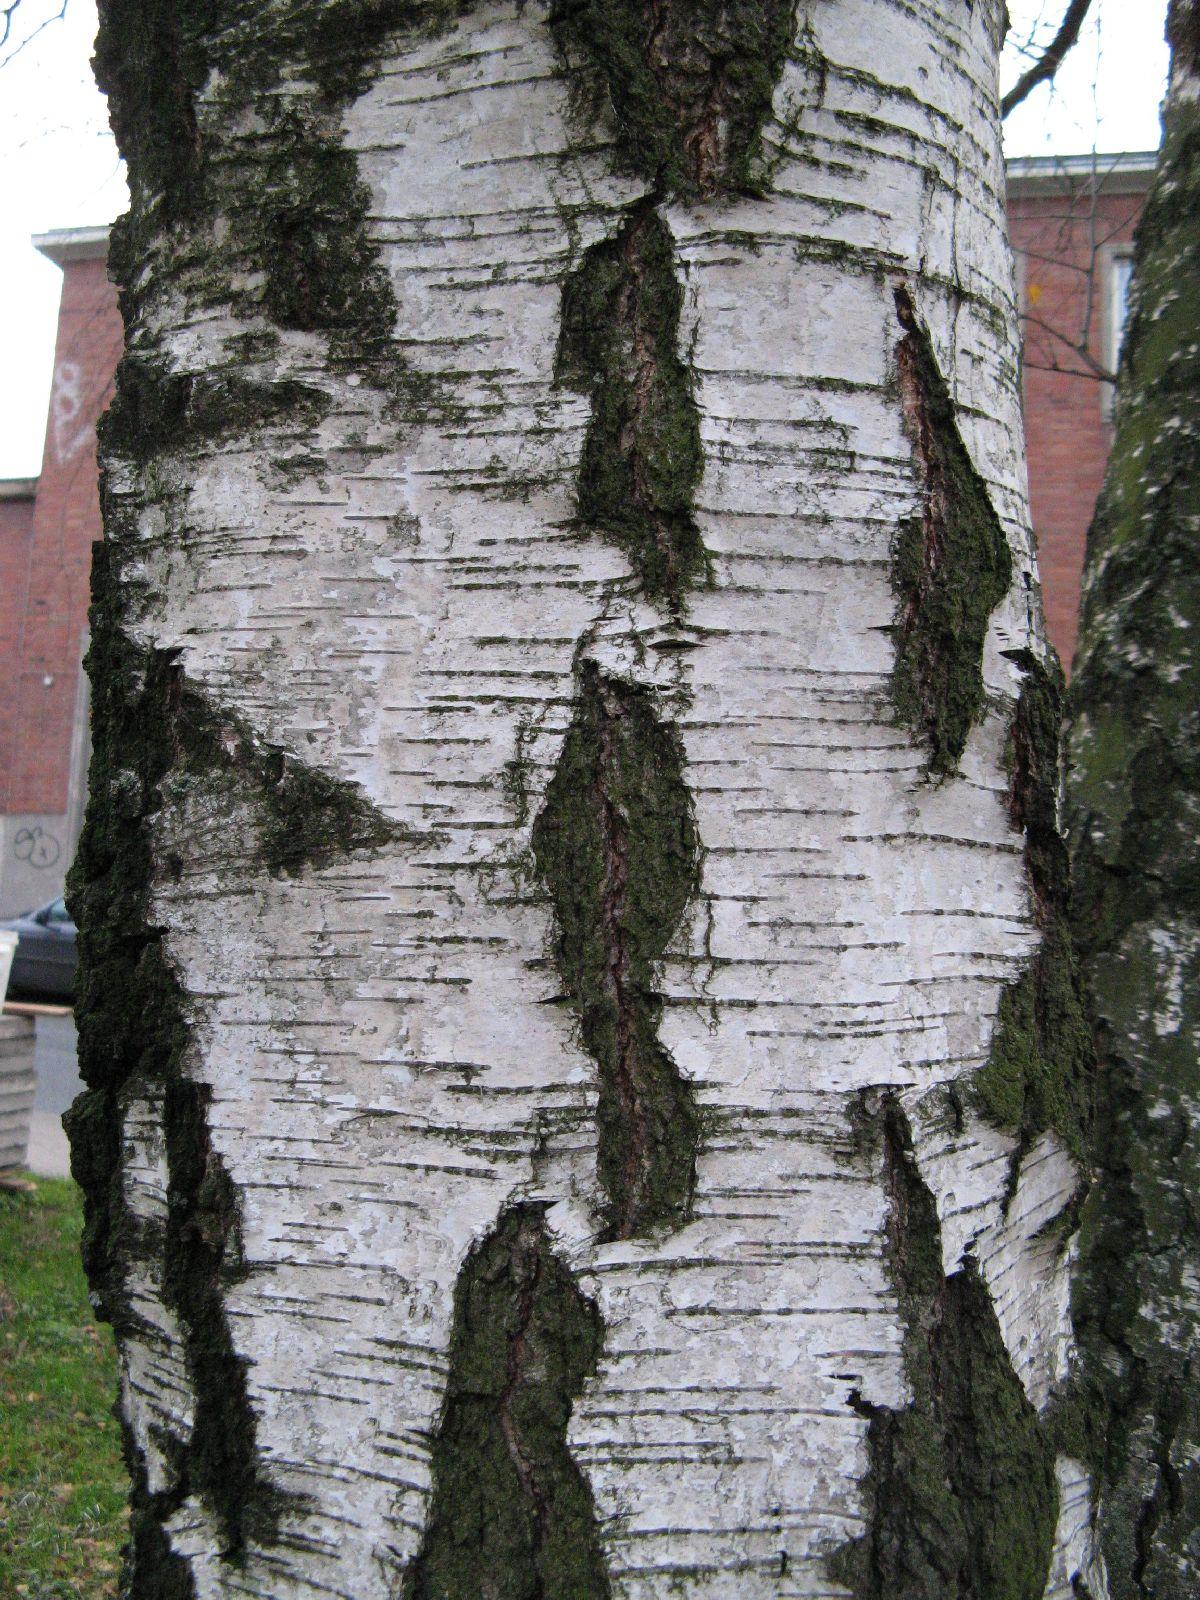 Baum-Rinde_Texturs_B_25690